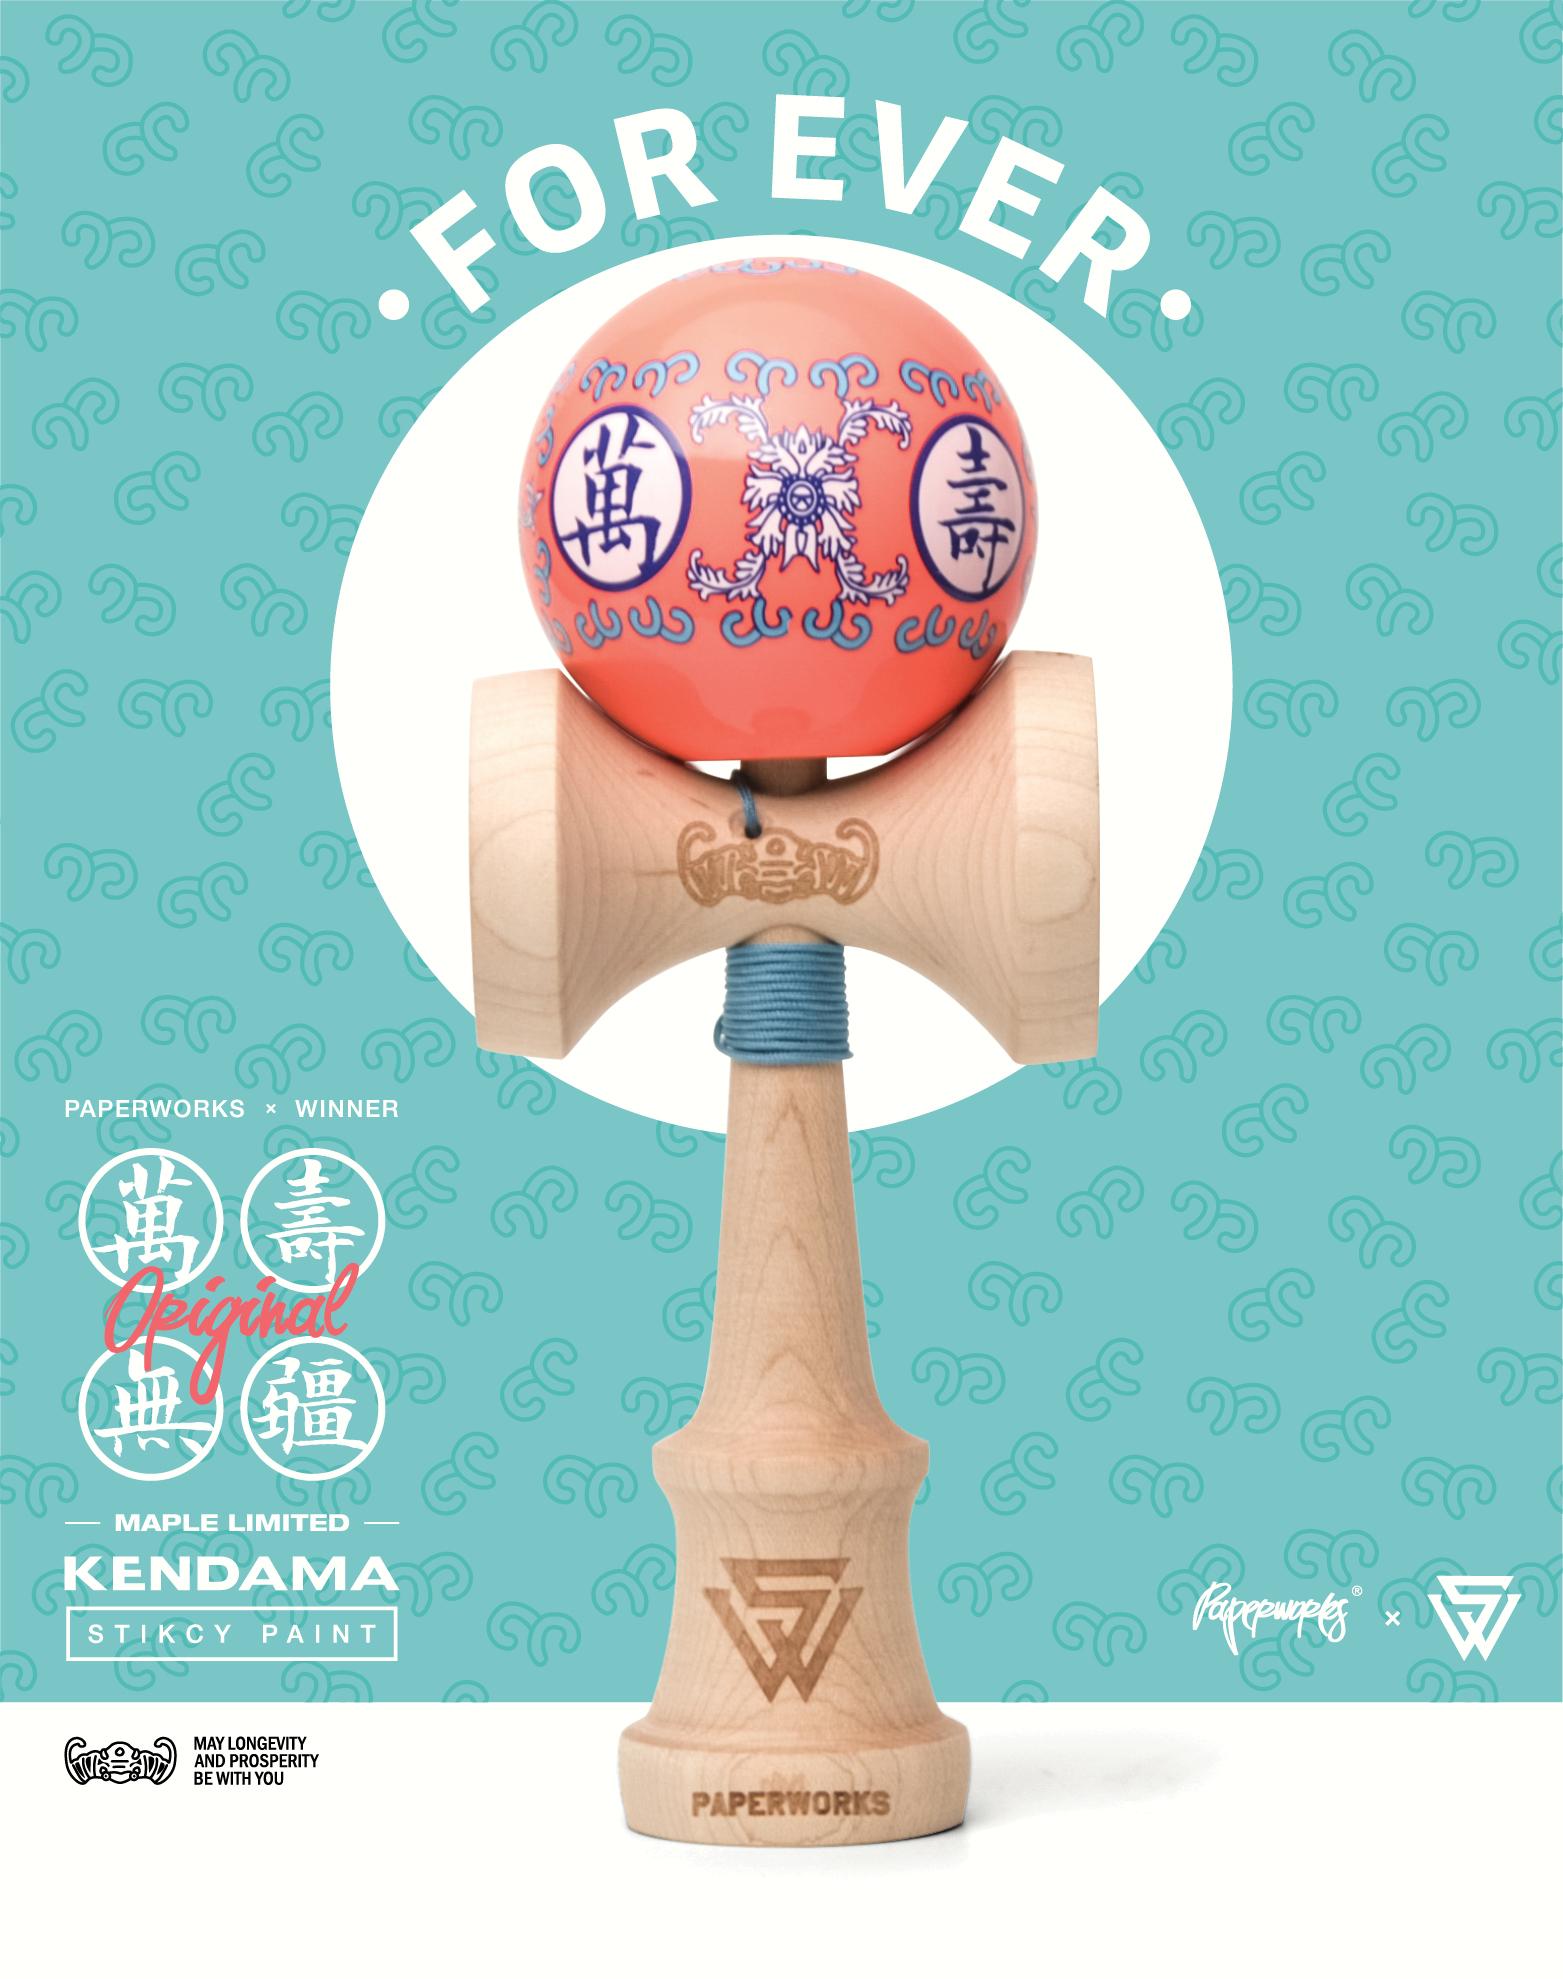 赢家剑玉 x PaperWorks 万寿无疆专业KENDAMA枫木剑球创意520礼物